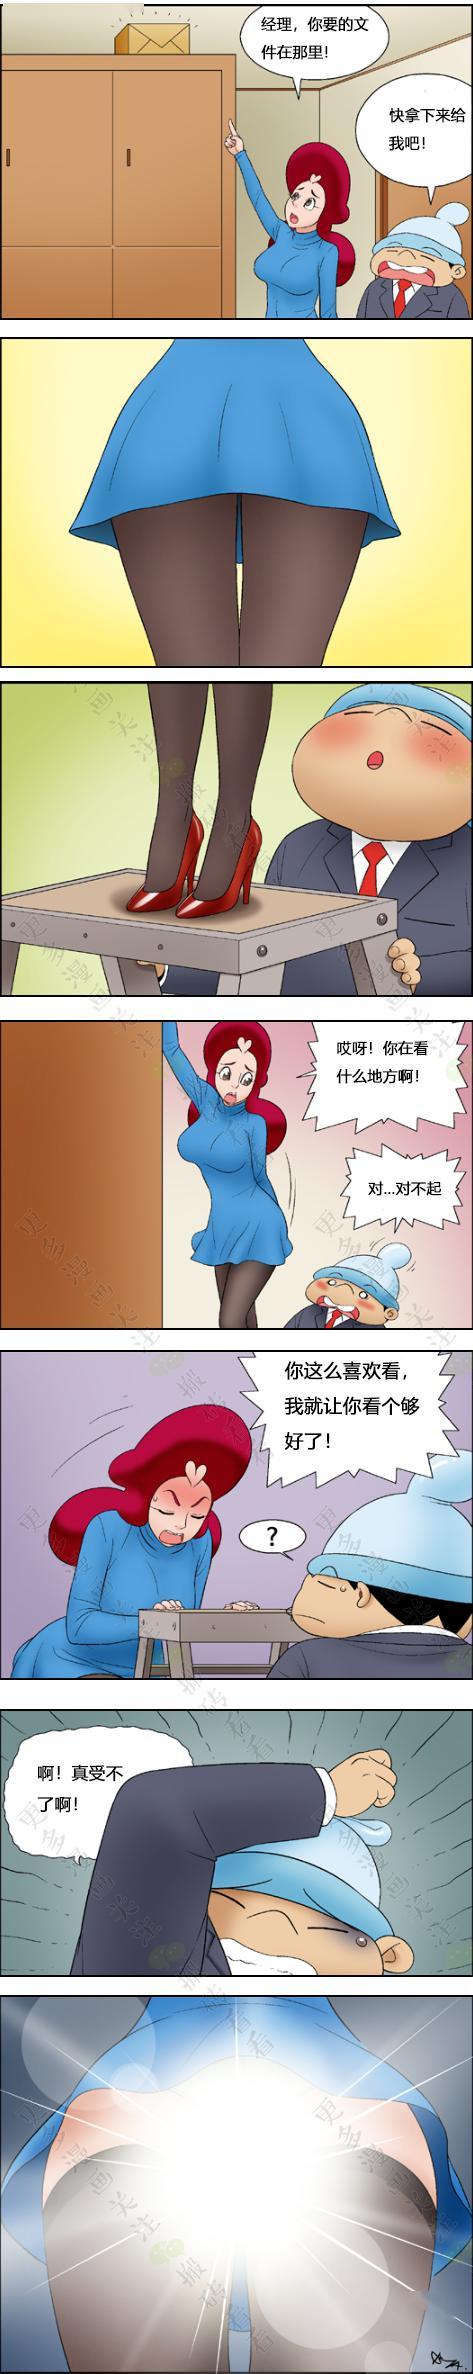 【短篇漫画】女白领的职场骚扰诡谈_强光